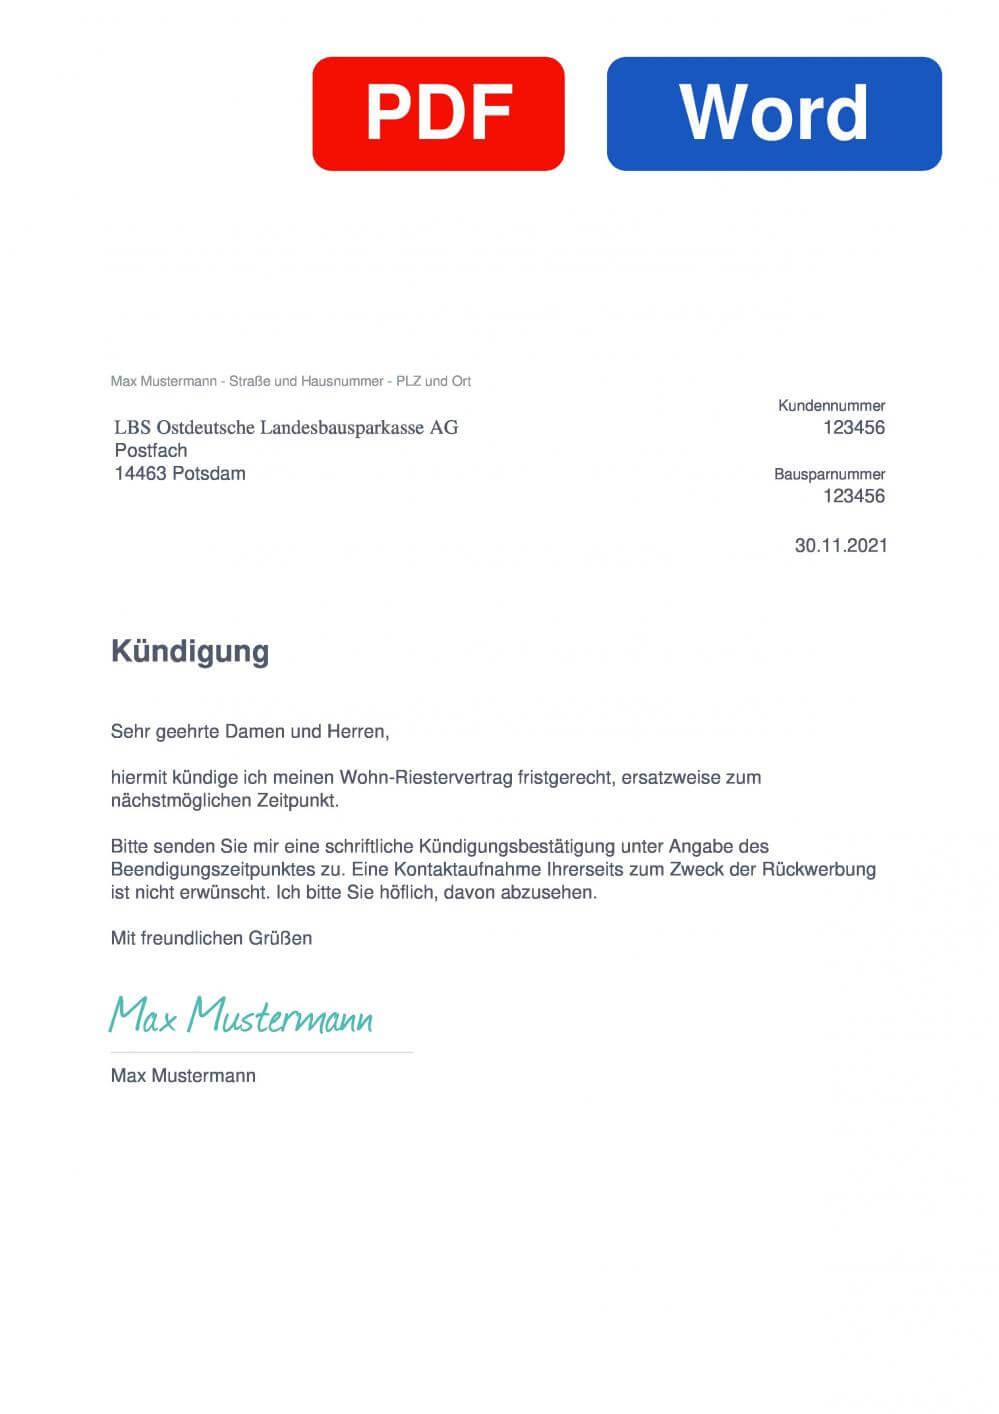 LBS Ostdeutsche Landesbausparkasse AG Muster Vorlage für Kündigungsschreiben